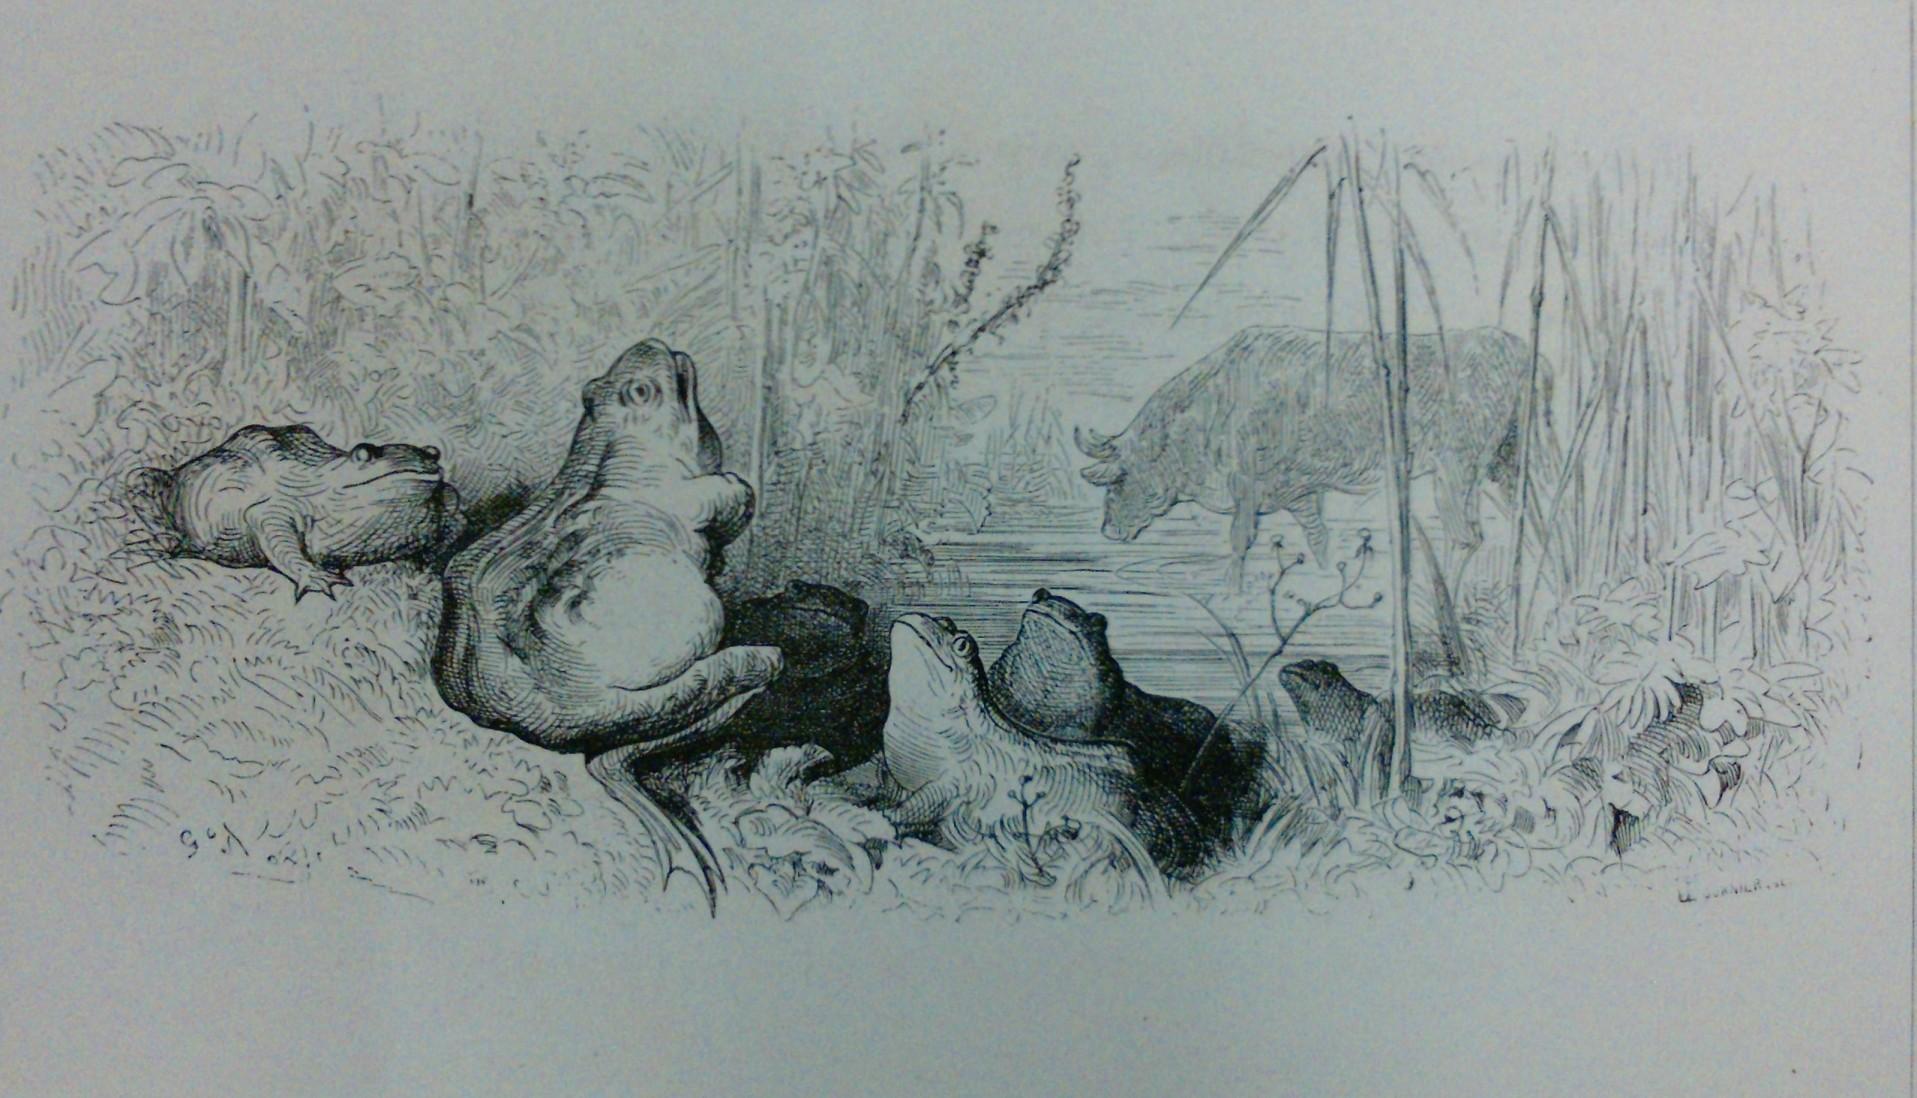 La grenouille et le boeuf dom e mots - Image la grenouille et le boeuf ...